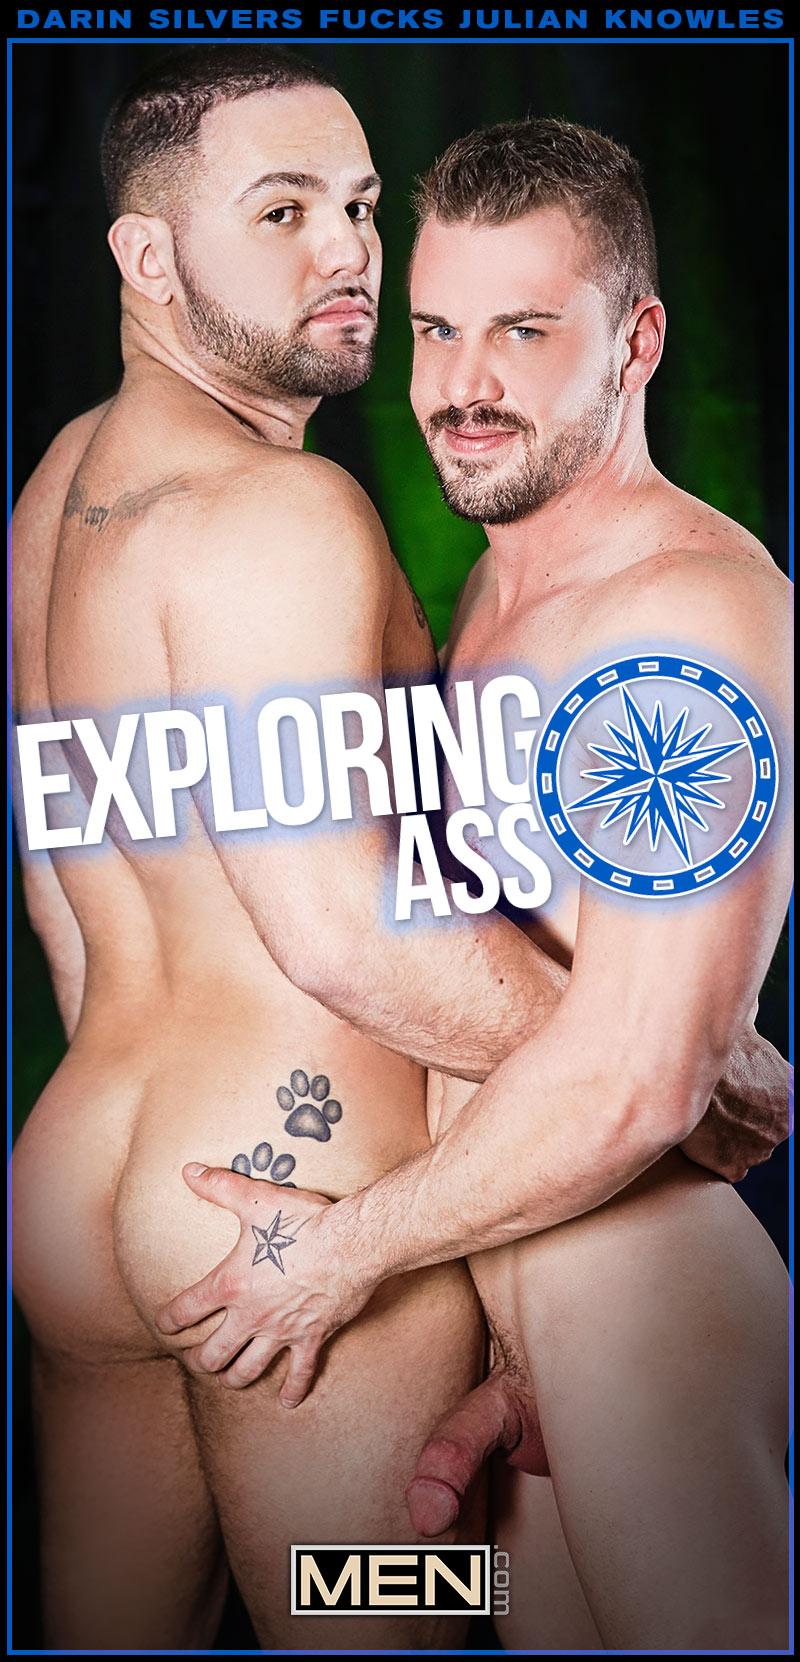 Exploring Ass (Darin Silvers Fucks Julian Knowles) at Str8 To Gay